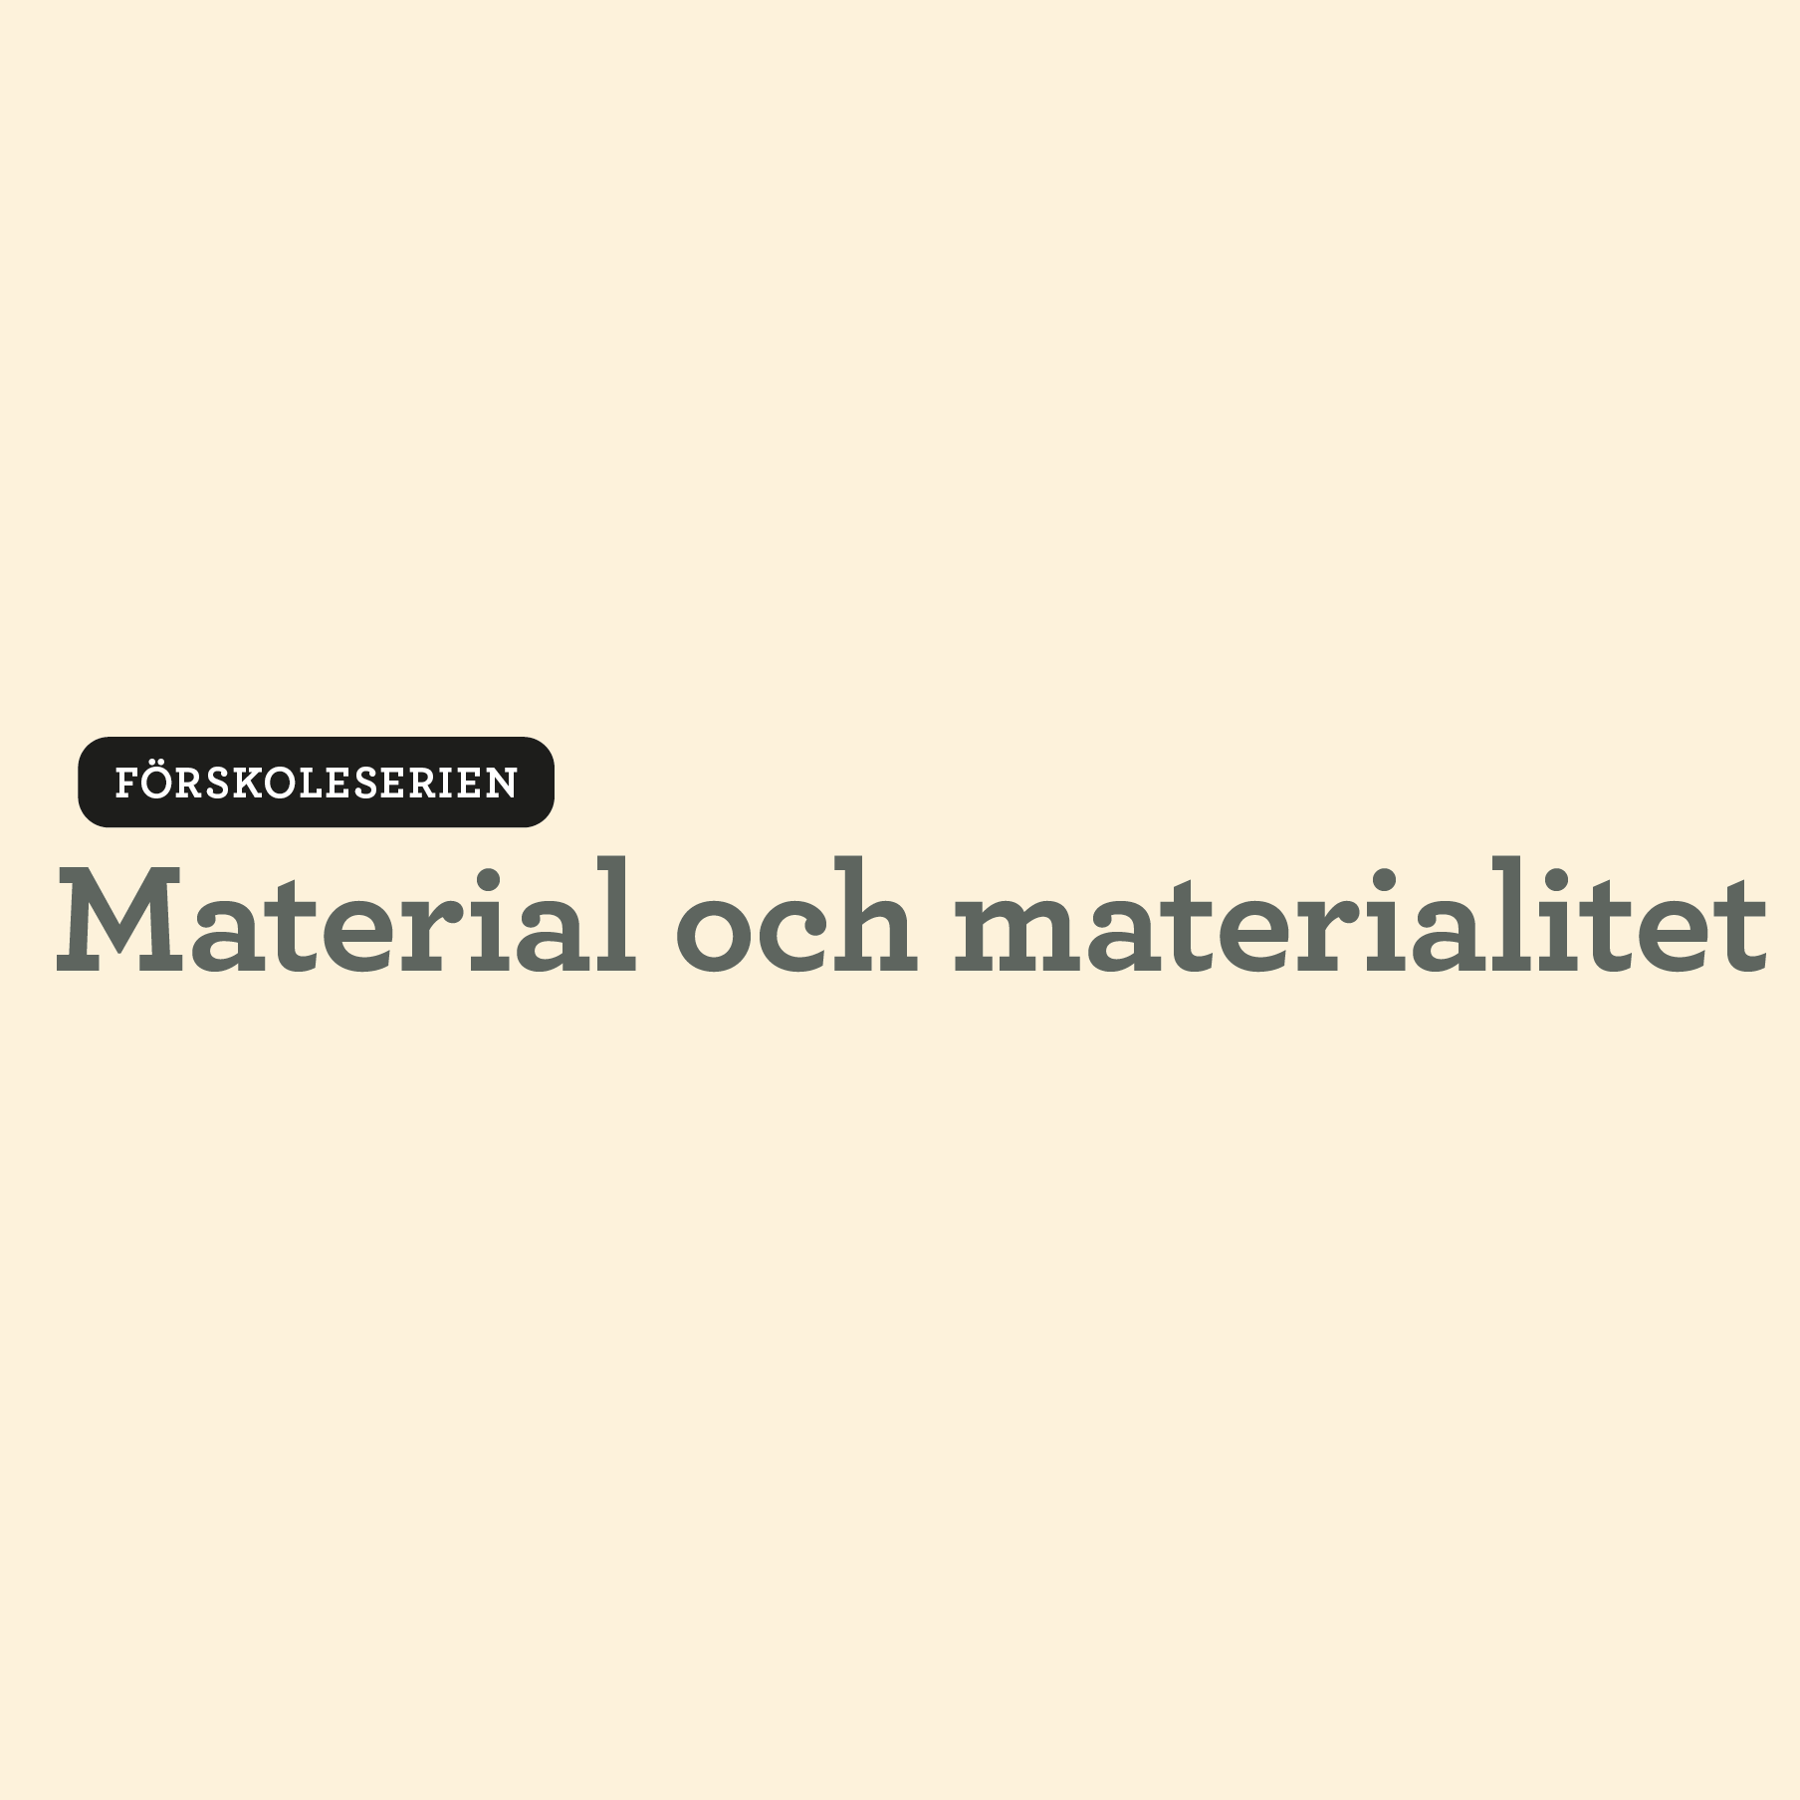 Förskoleserien Material och materialitet